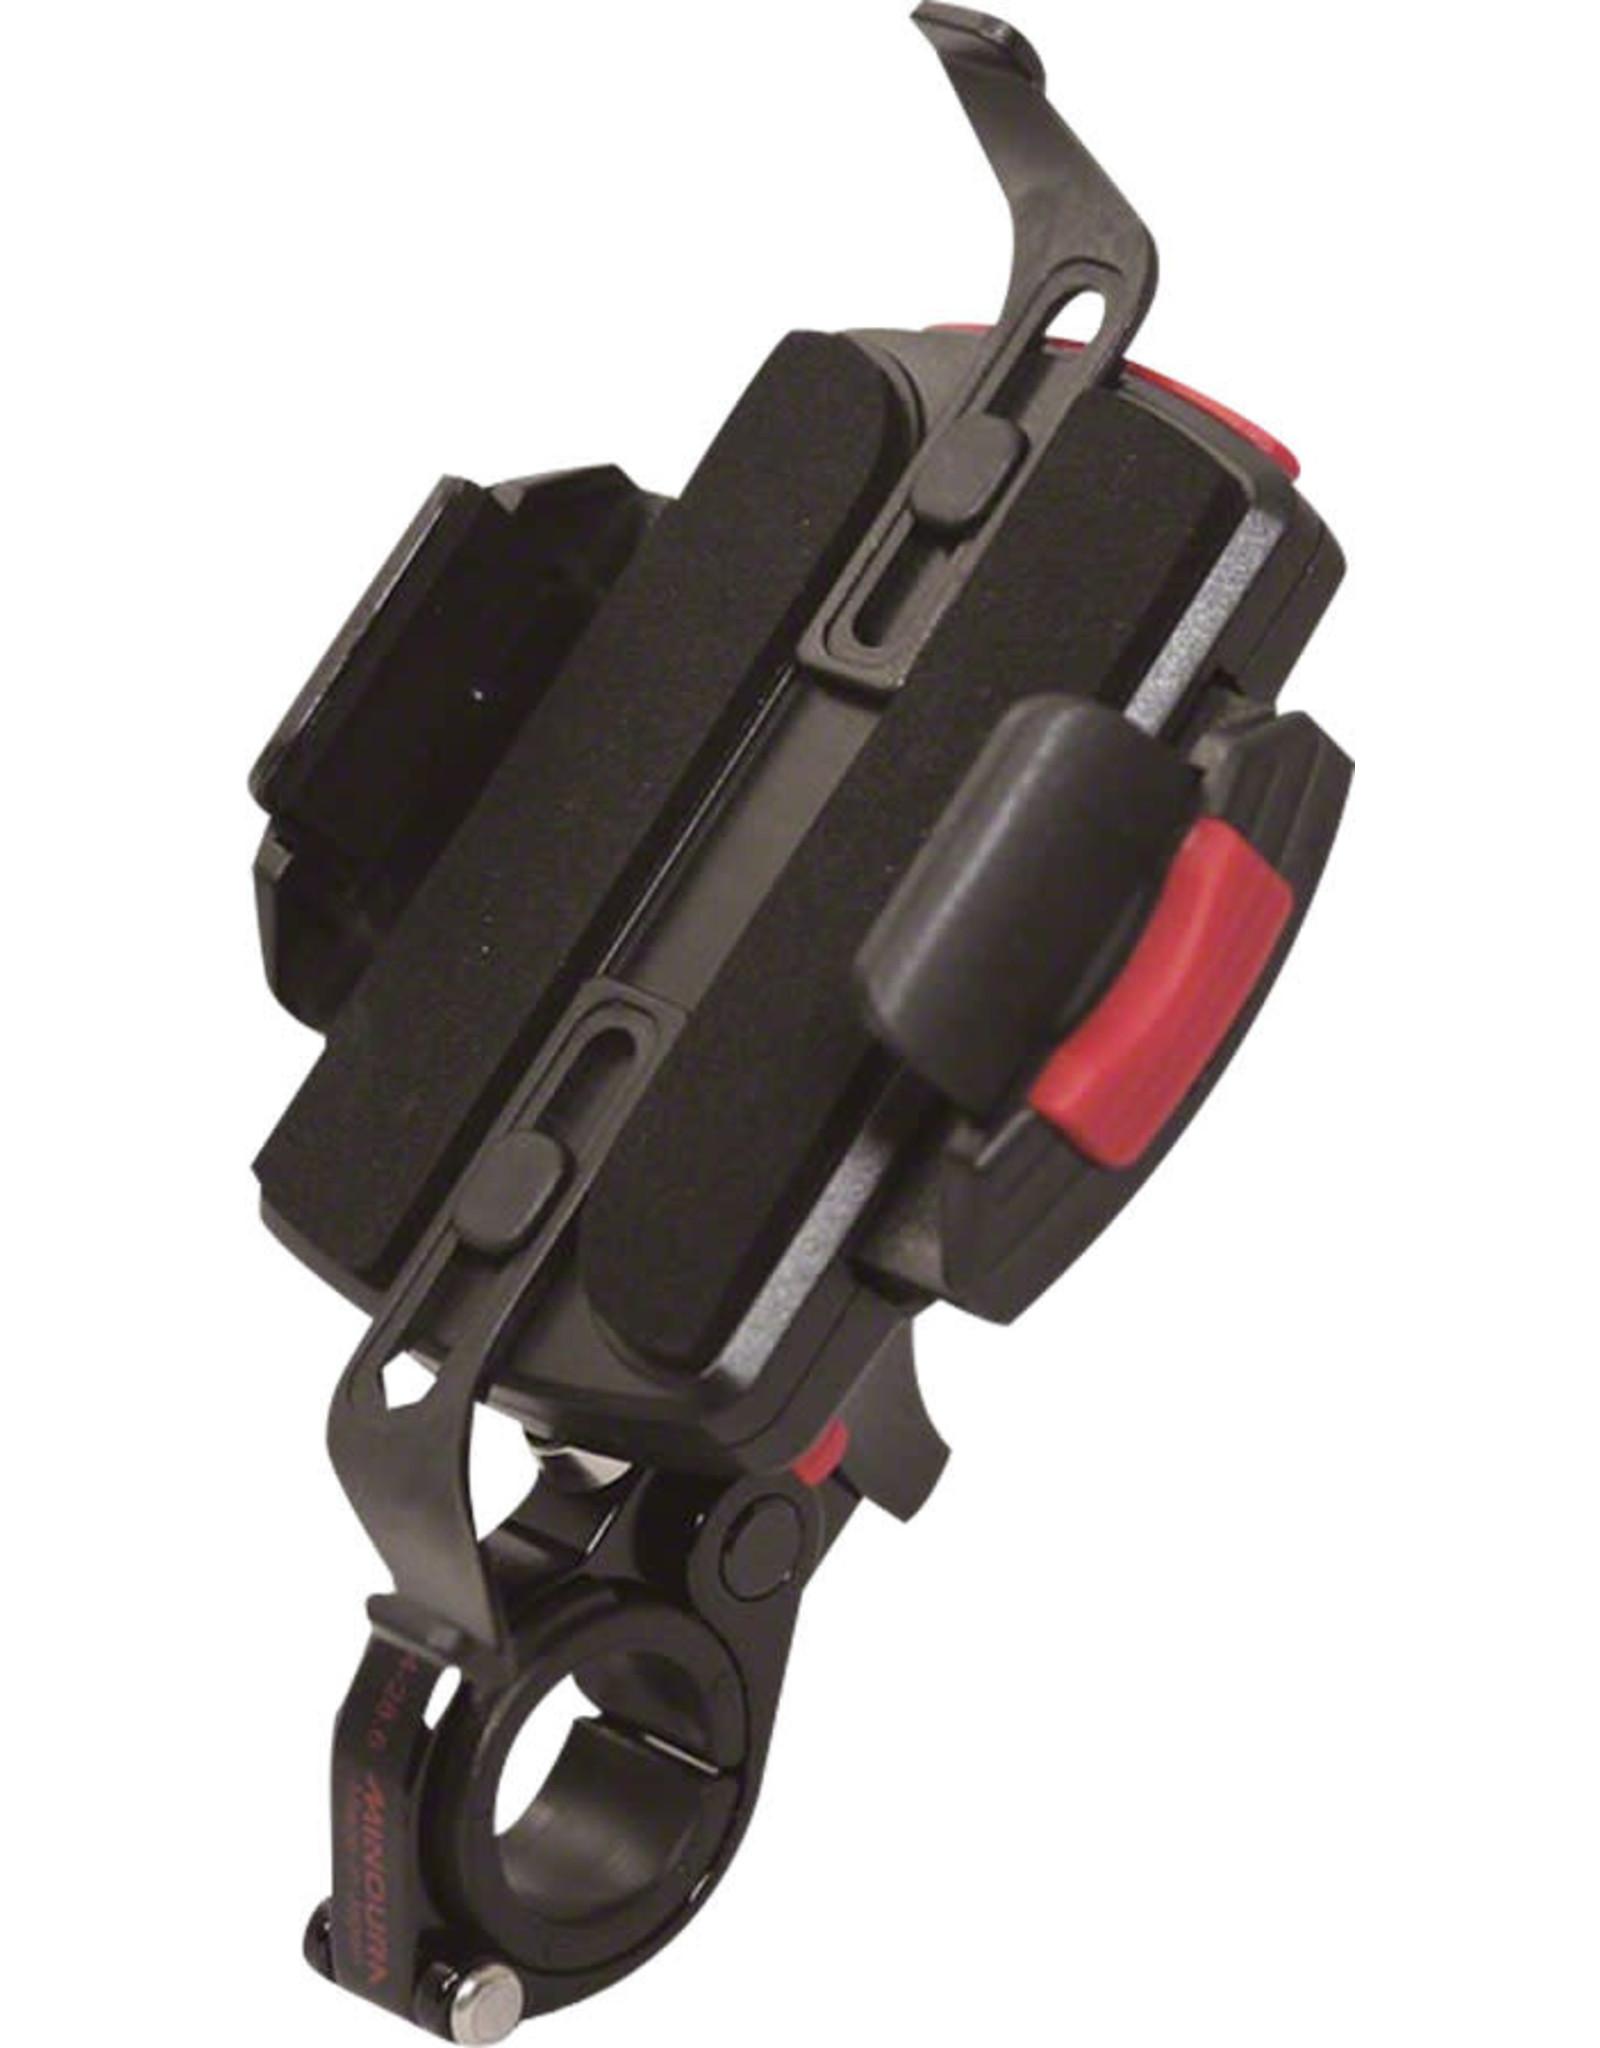 Minoura Minoura Smart Phone Oversize Handlebar Holder: Fits 27.2, 28.6, and 35.0mm